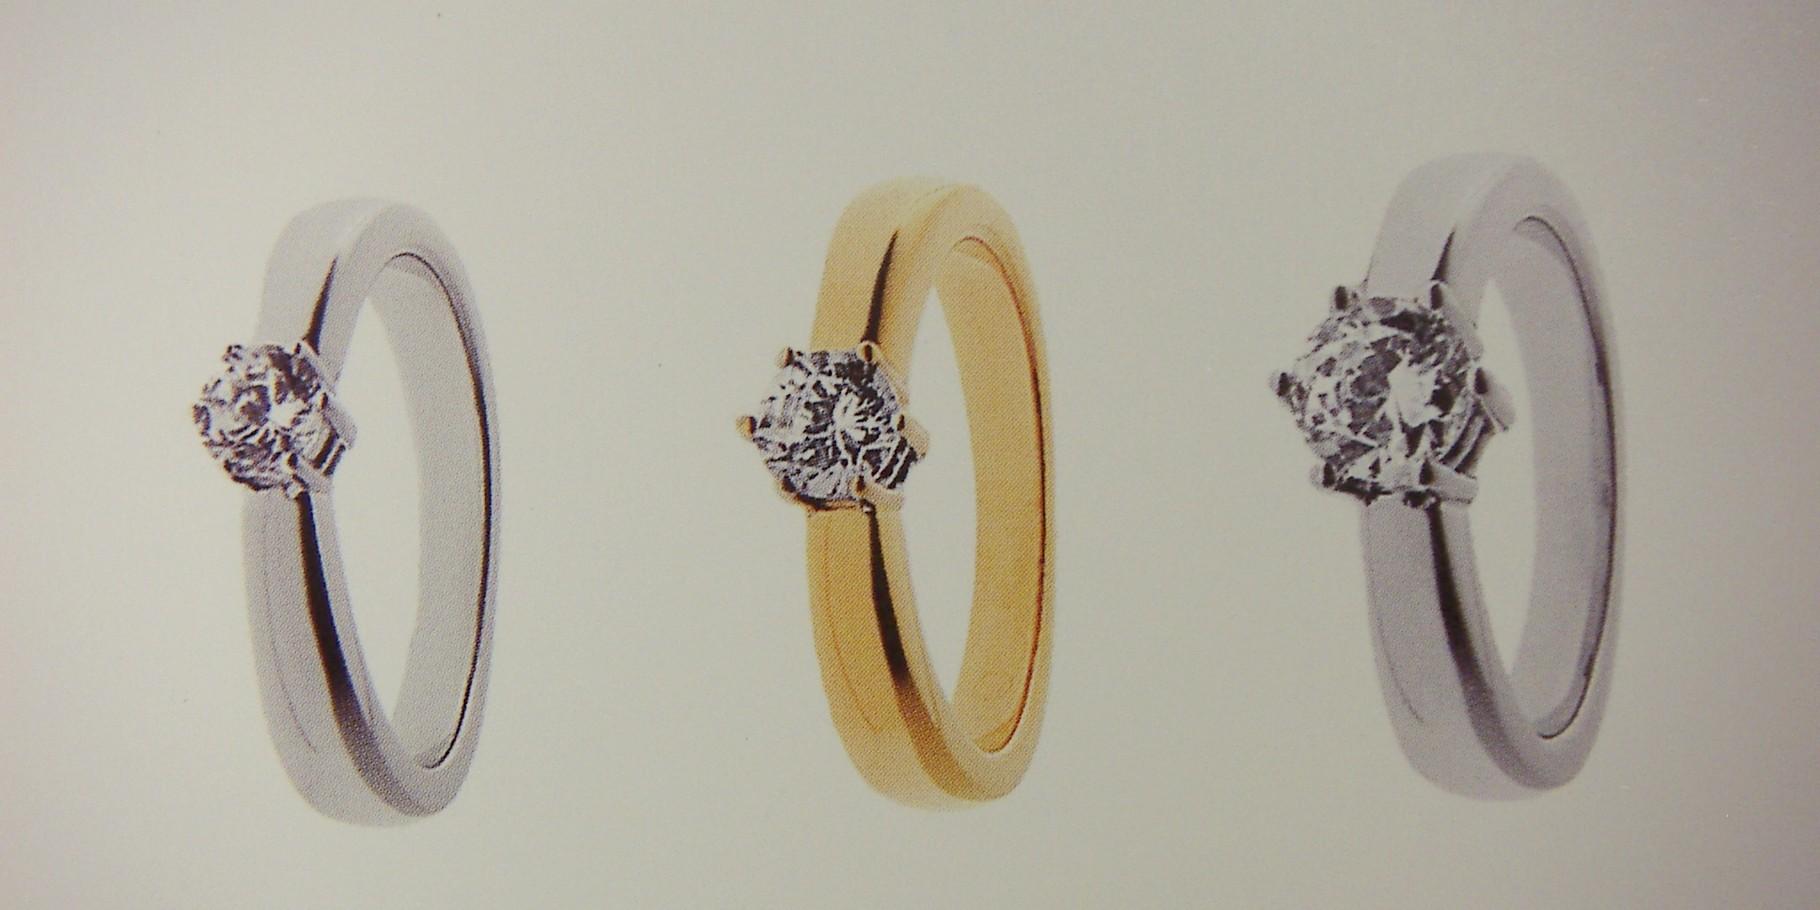 Ring, Gelb- und Weissgold 750, mit 6-Griff-Fassung